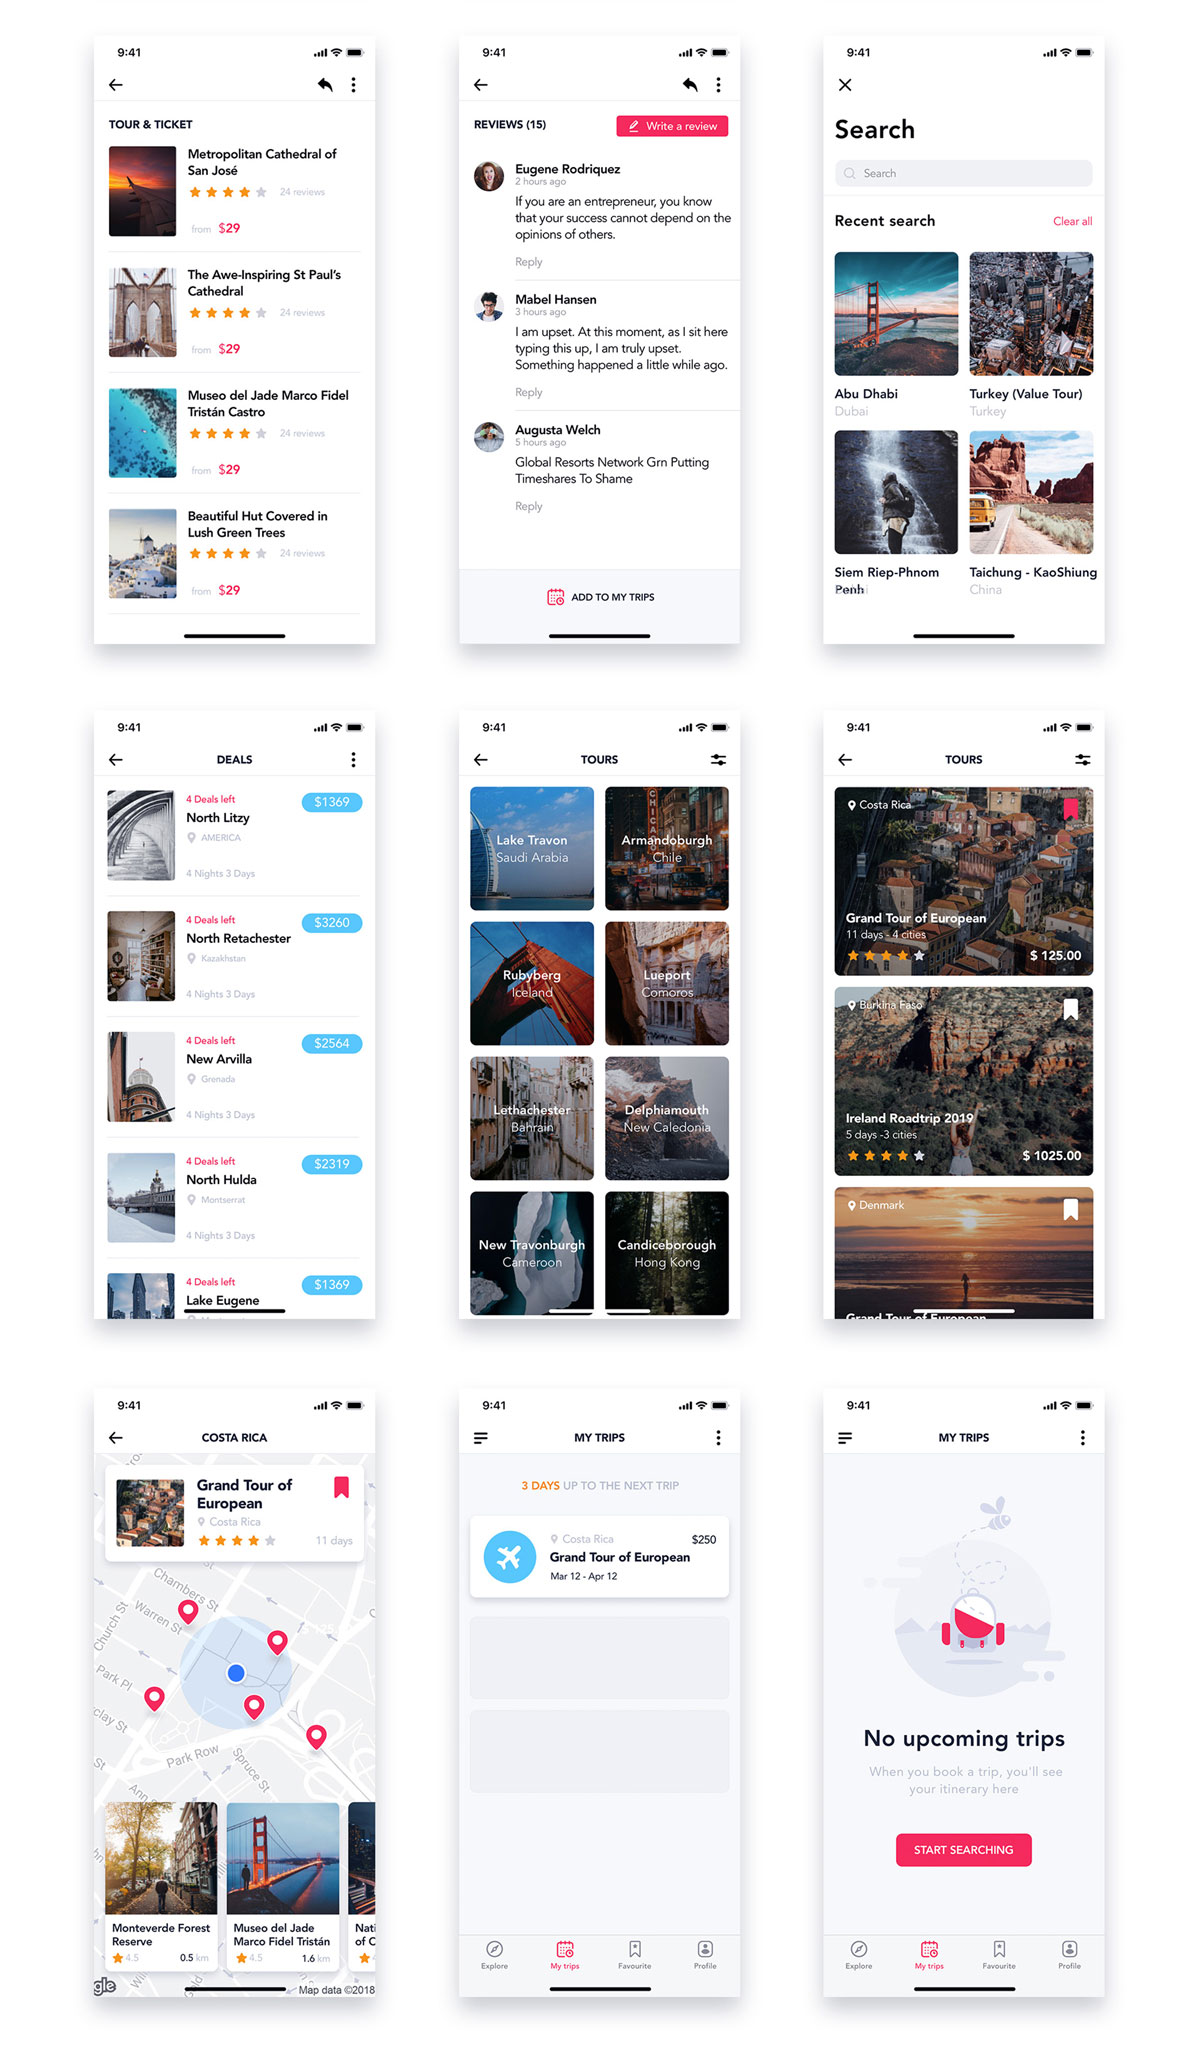 旅行票务酒店预订APP应用程序UI界面设计套件 EasyGo – Travel App UI Kit插图(4)